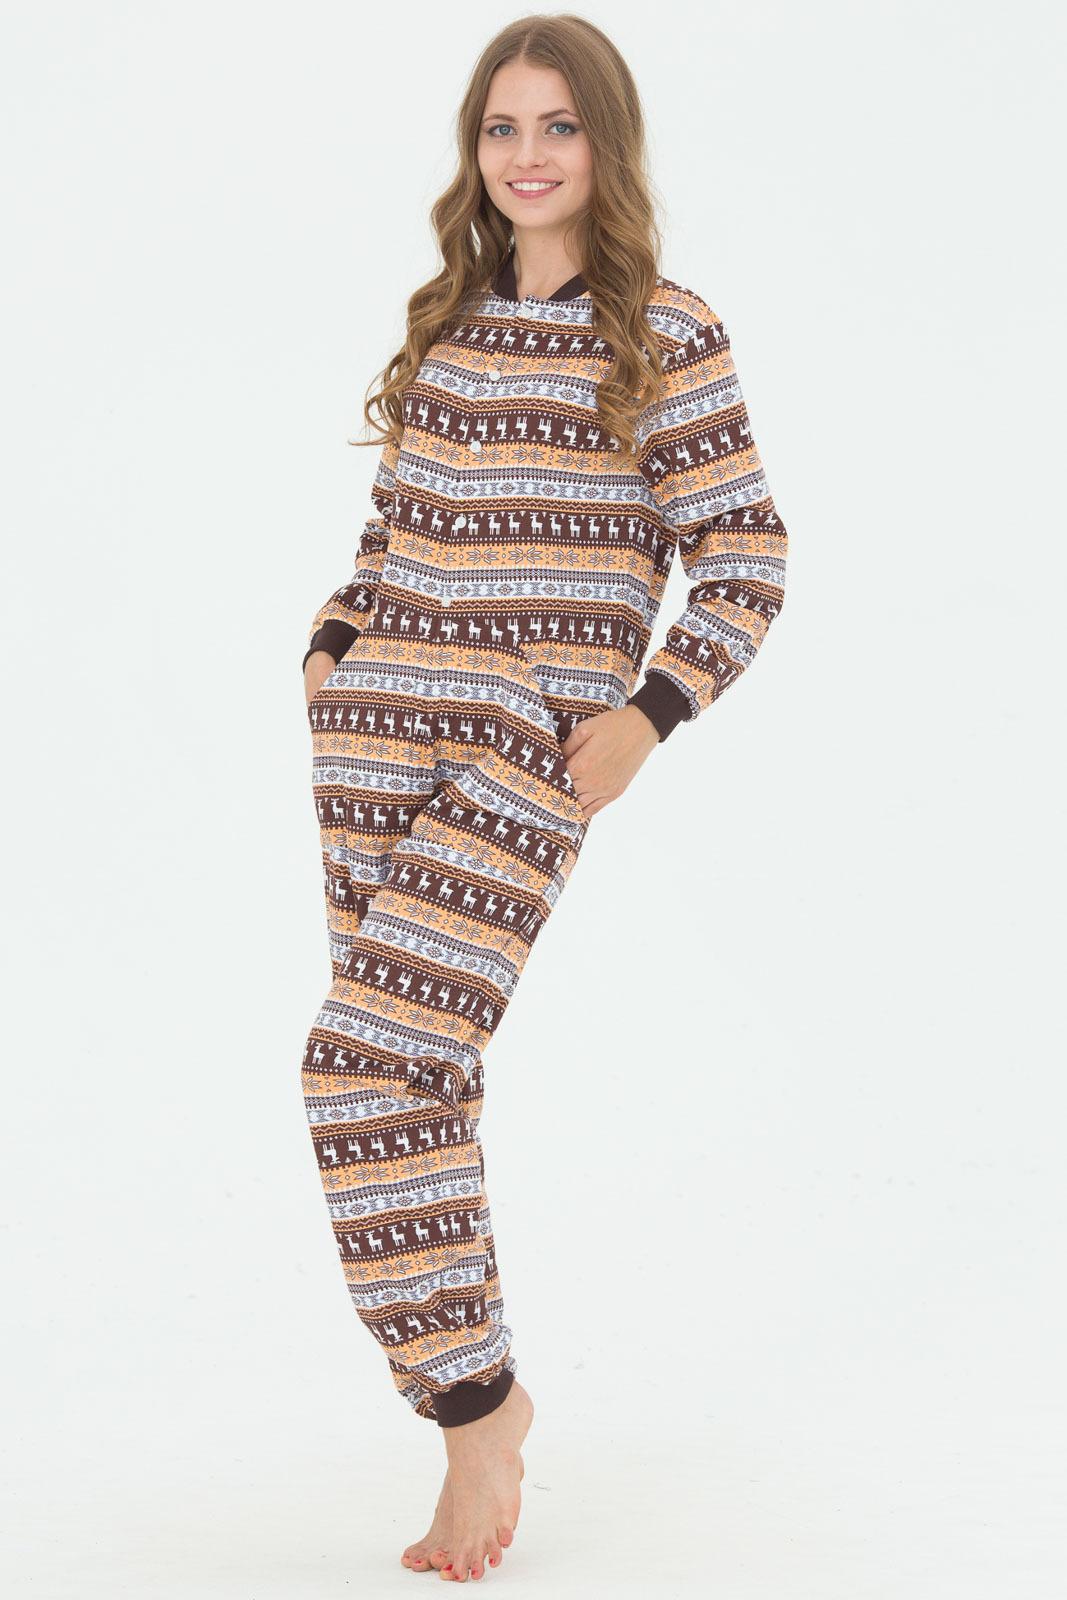 48c1e7c0b0088 Цельная пижама-комбинезон сейчас надевается не только в домашней  обстановке. Кигуруми постепенно «выходят в свет». Сейчас их можно увидеть  на девушках ...